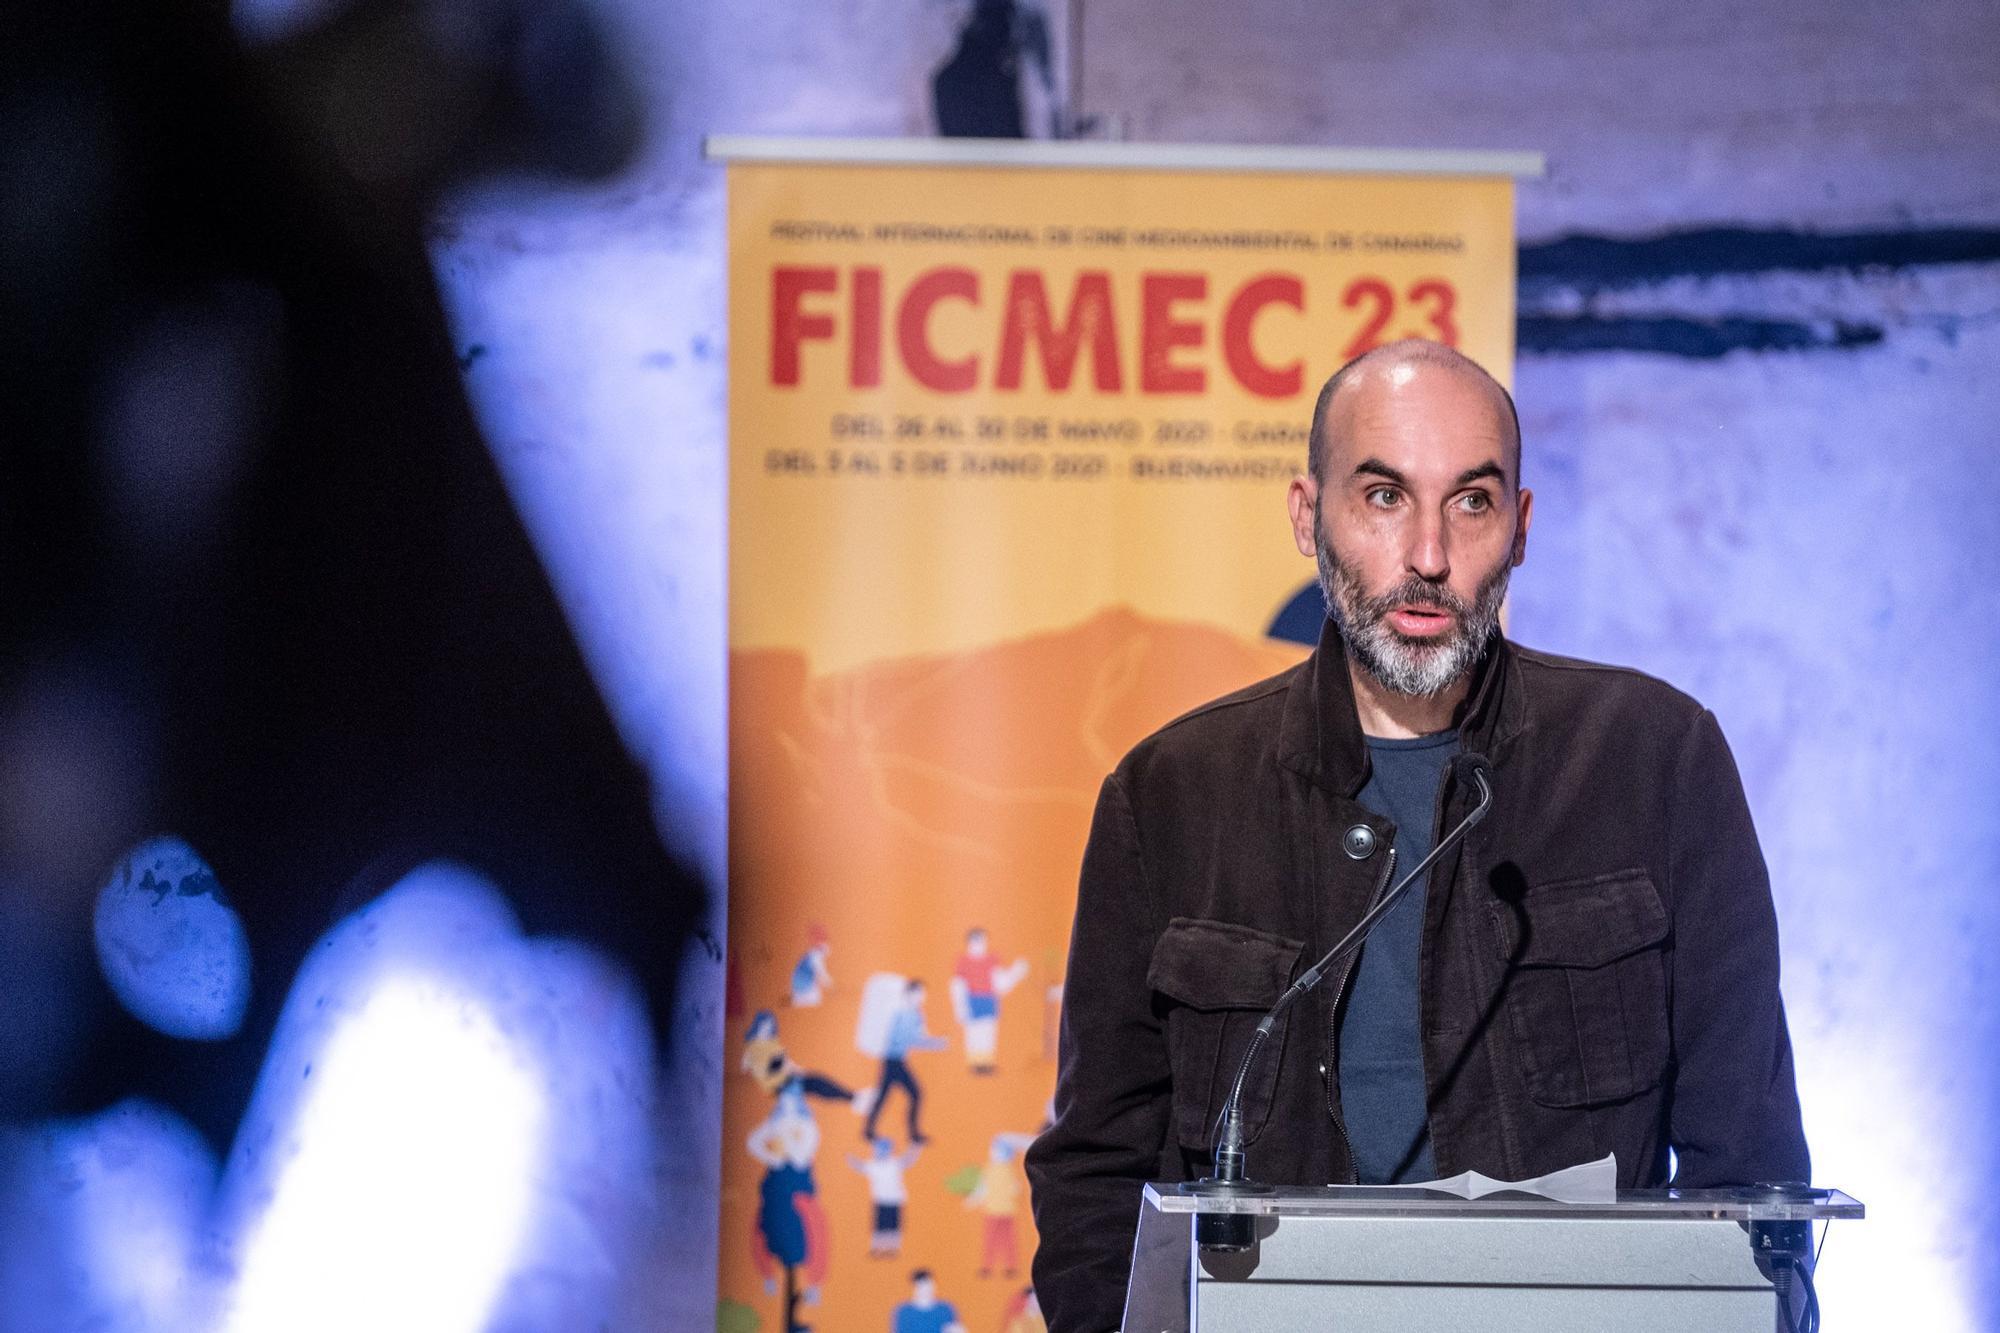 Presentación de Ficmec